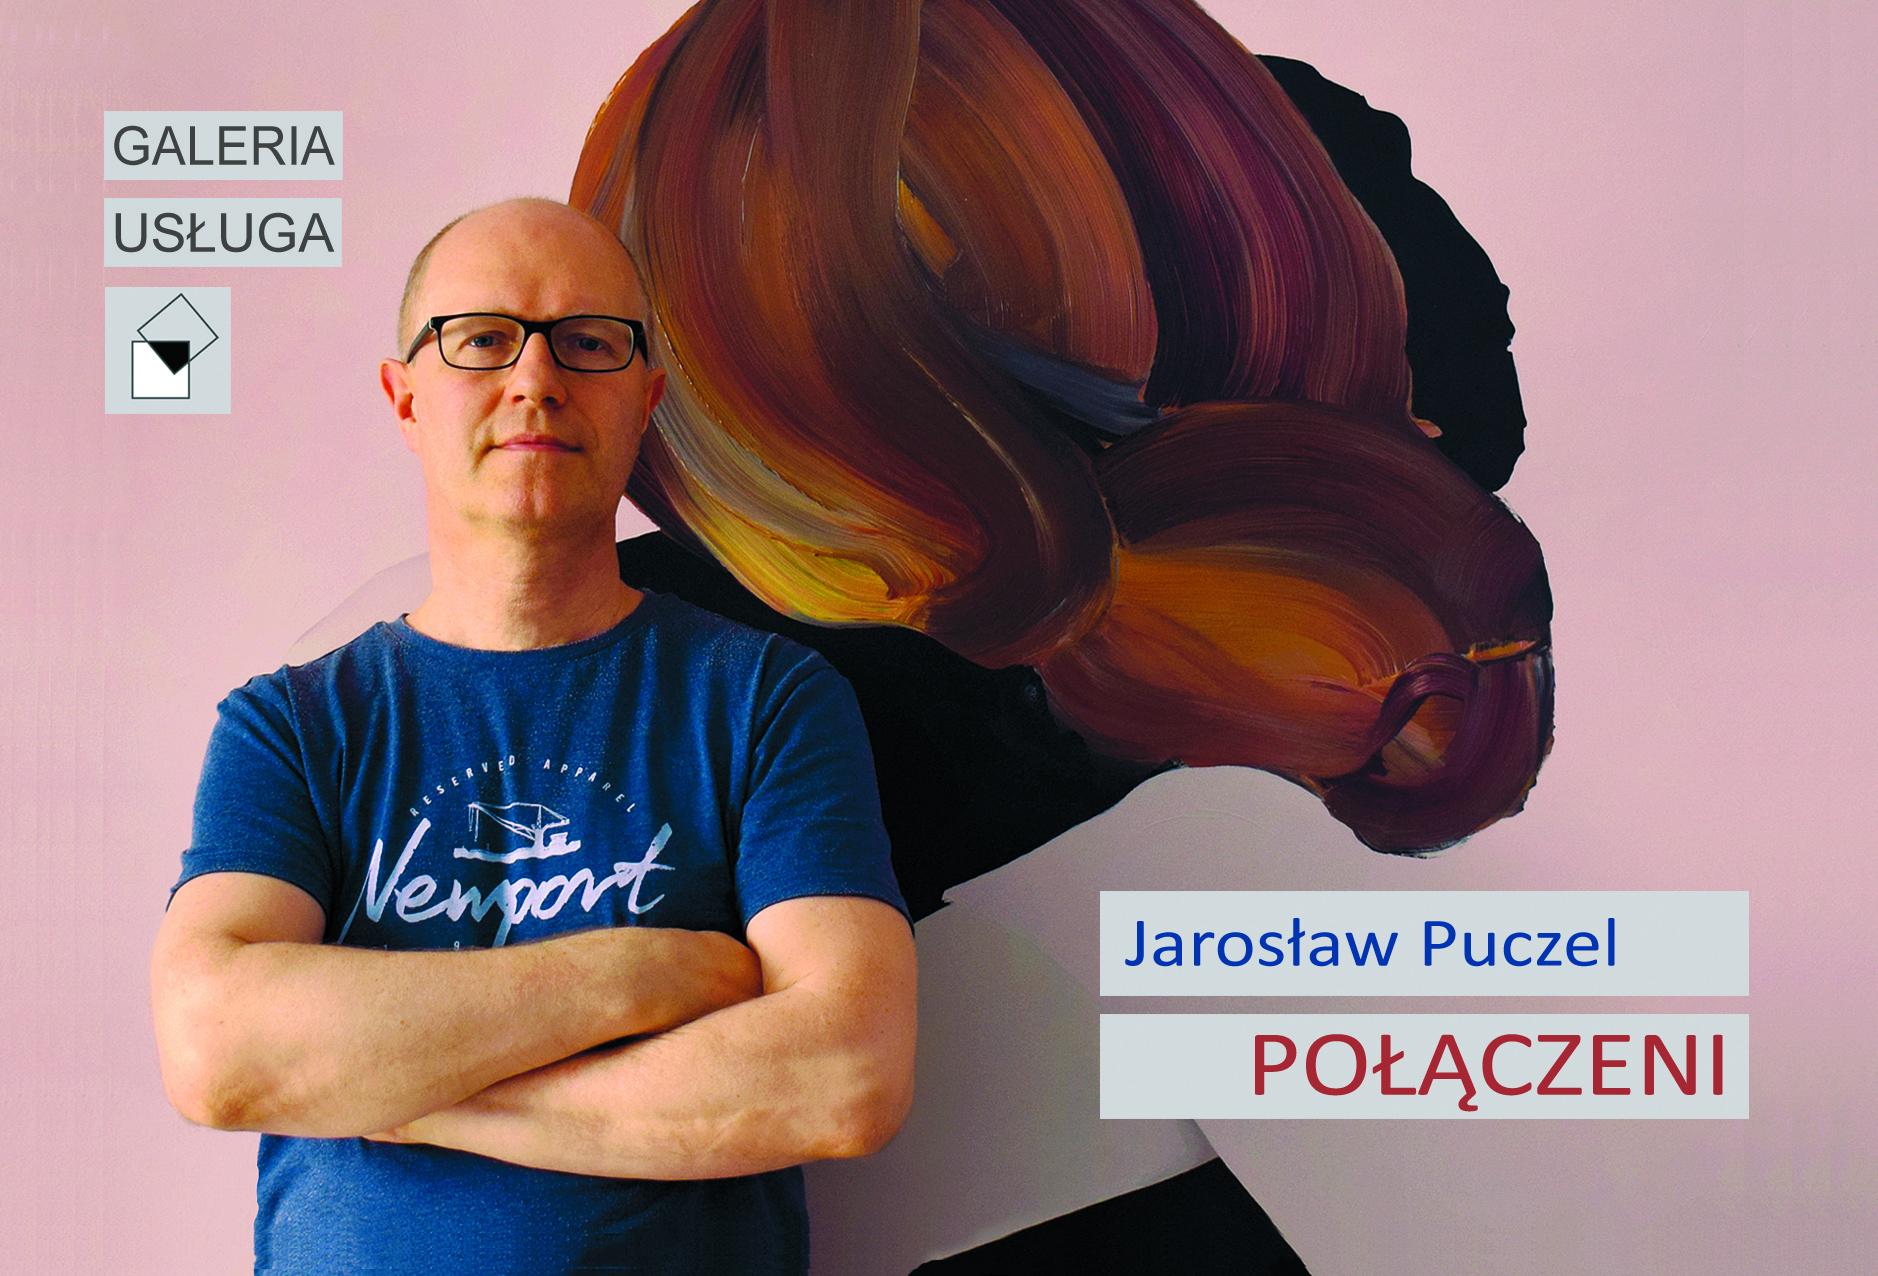 Jarosław Puczel Połączeni